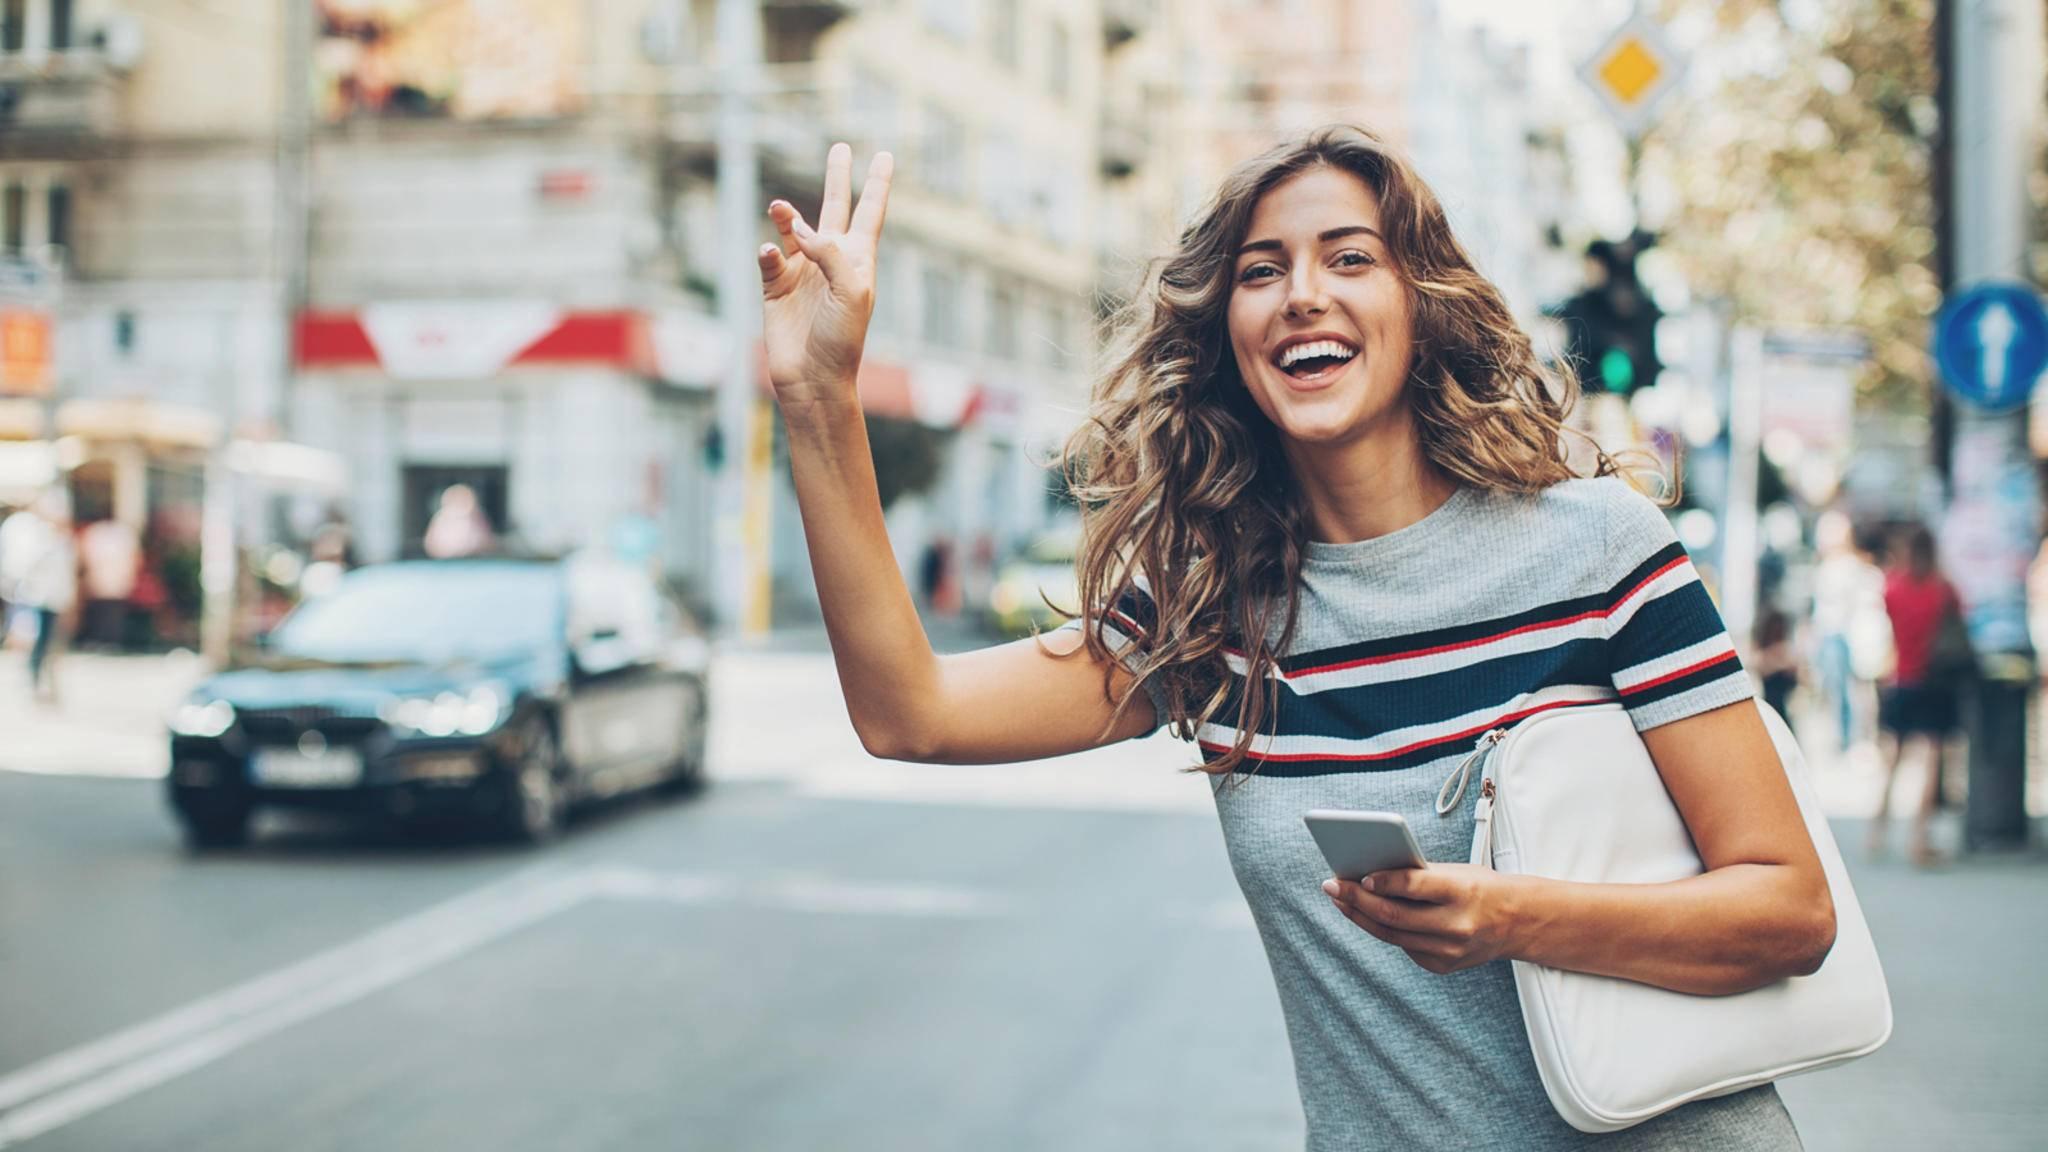 Mit der richtigen Taxi-App ist die nächste Fahrt nur wenige Klicks entfernt.